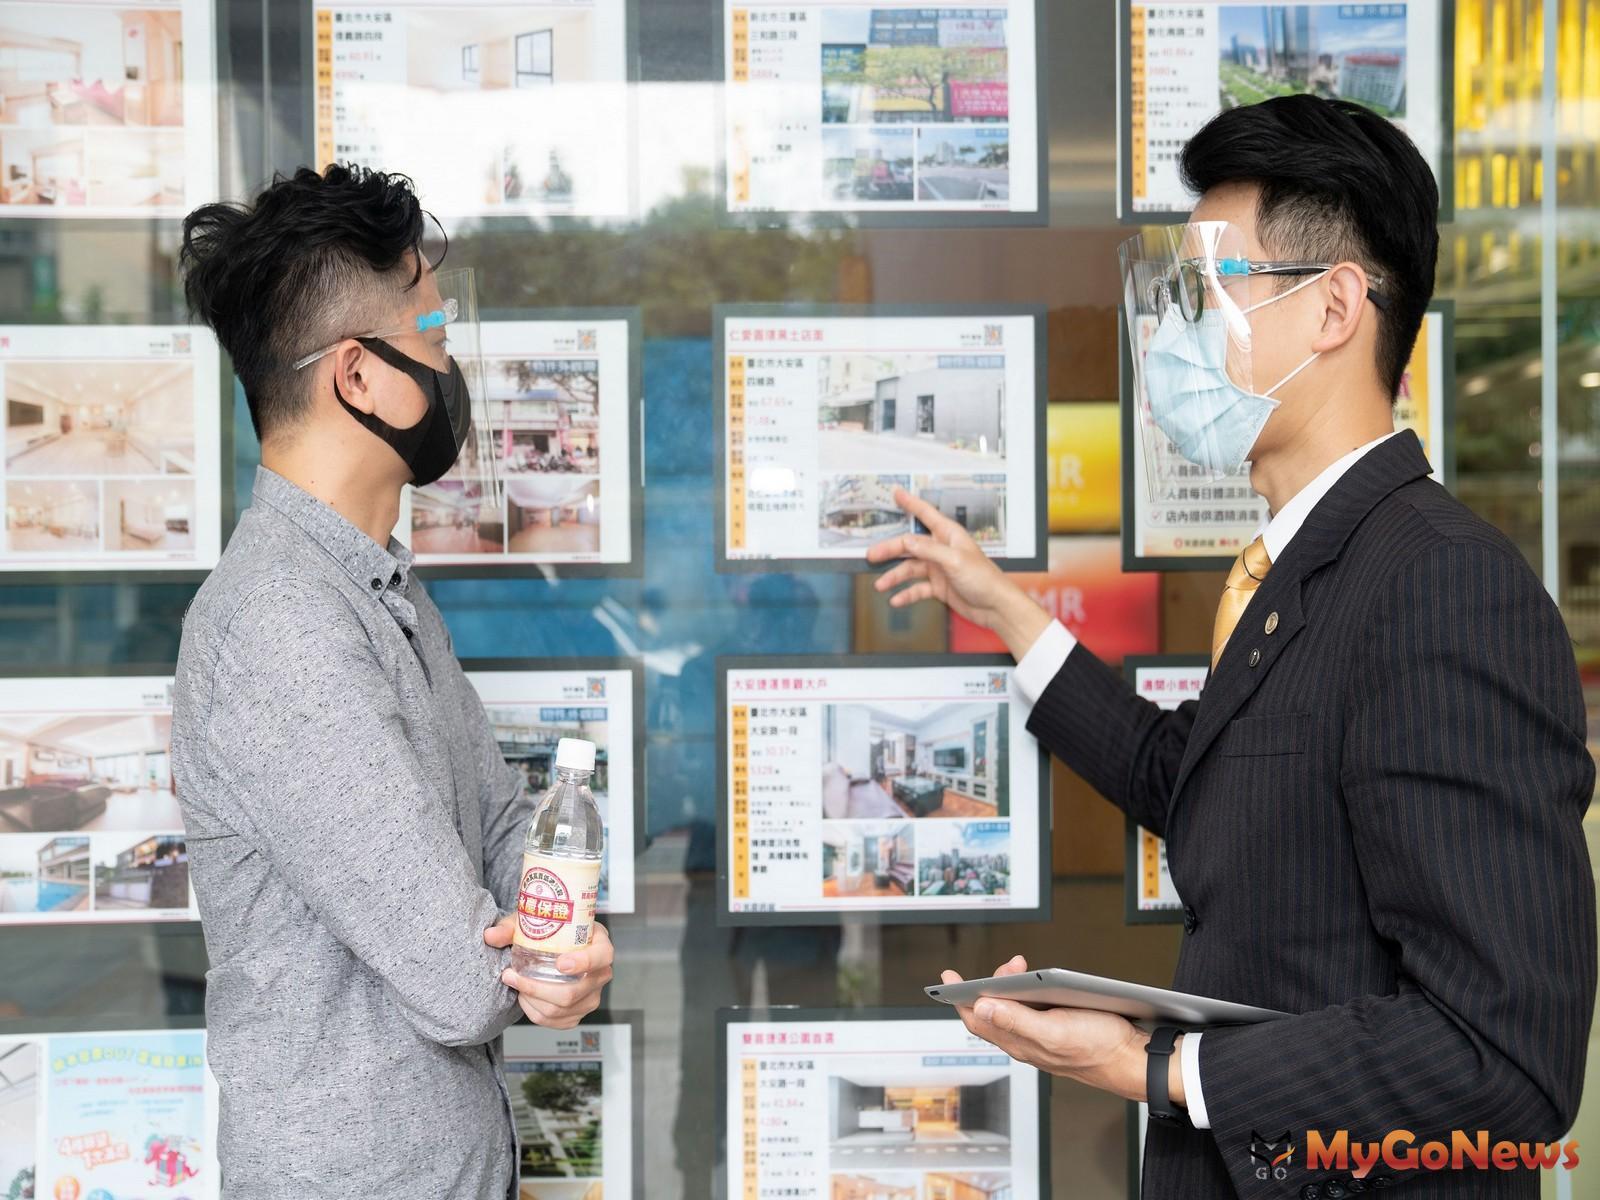 永慶房屋針對每一位買方提供專業且完整的諮詢服務,並仔細把關所有房地產資訊(圖/永慶房屋) MyGoNews房地產新聞 市場快訊